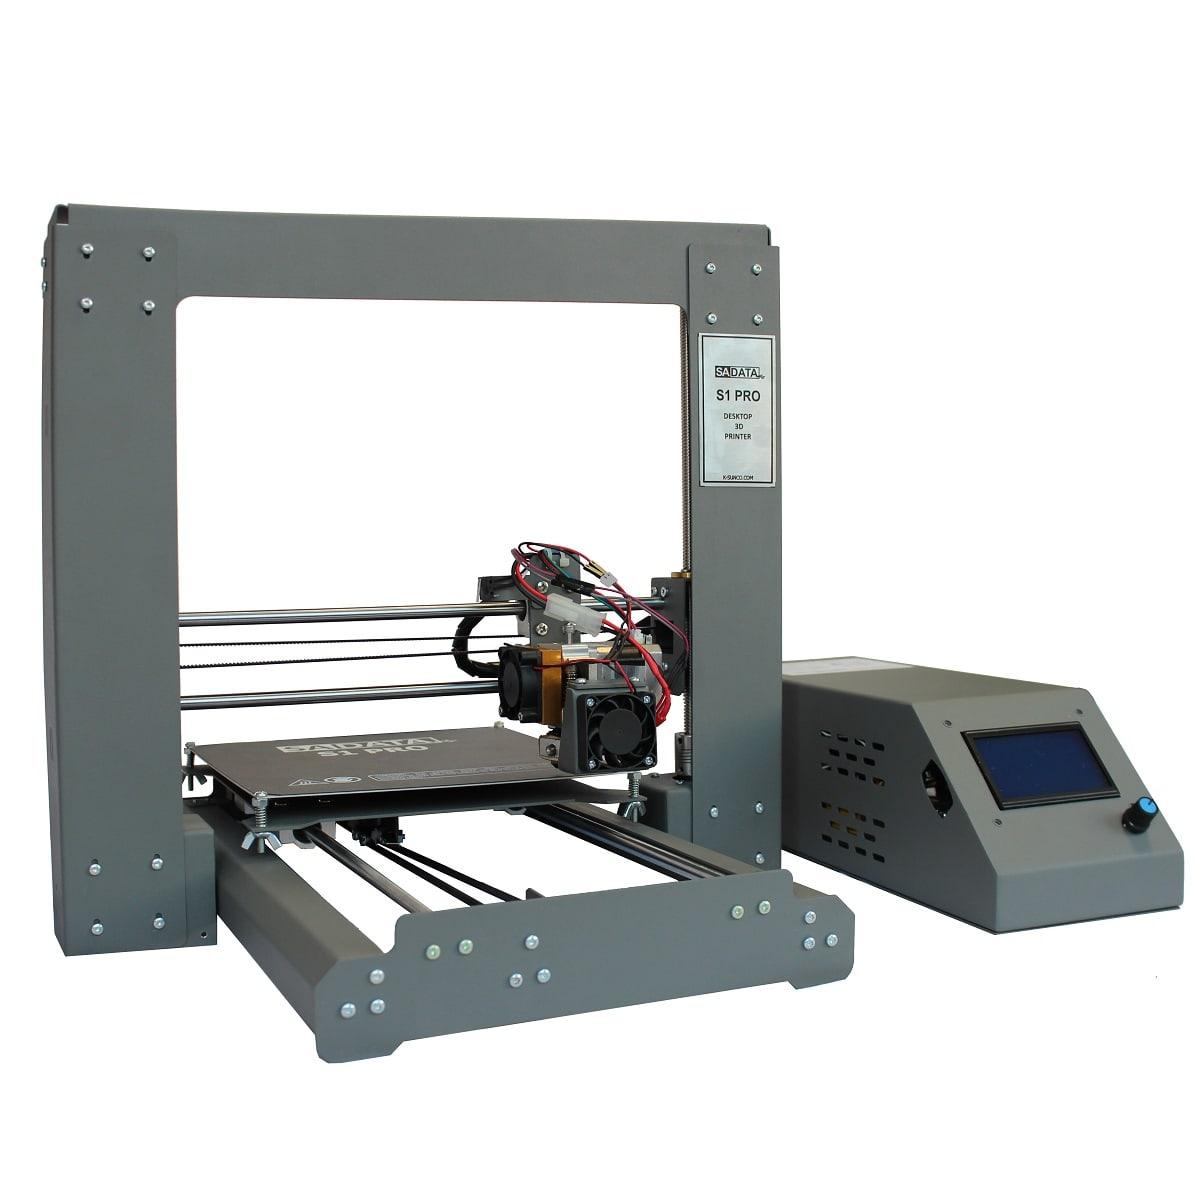 پرینتر سه بعدی SADATA مدل S1 PRO نمای 3